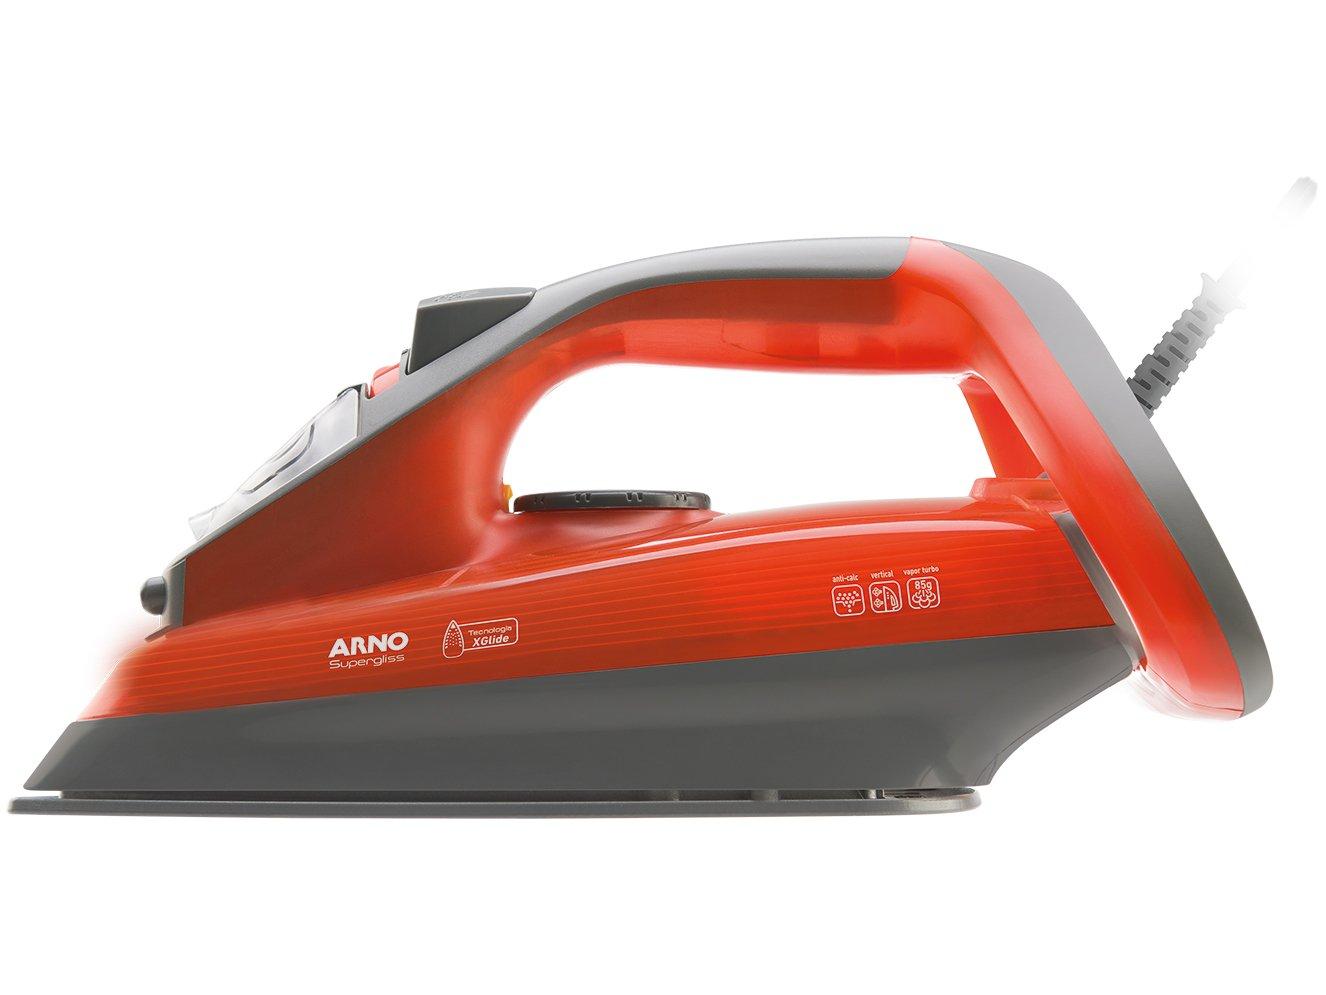 Ferro a Vapor Arno Supergliss FSX1 com Spray – Cinza e Laranja - 110V - 4